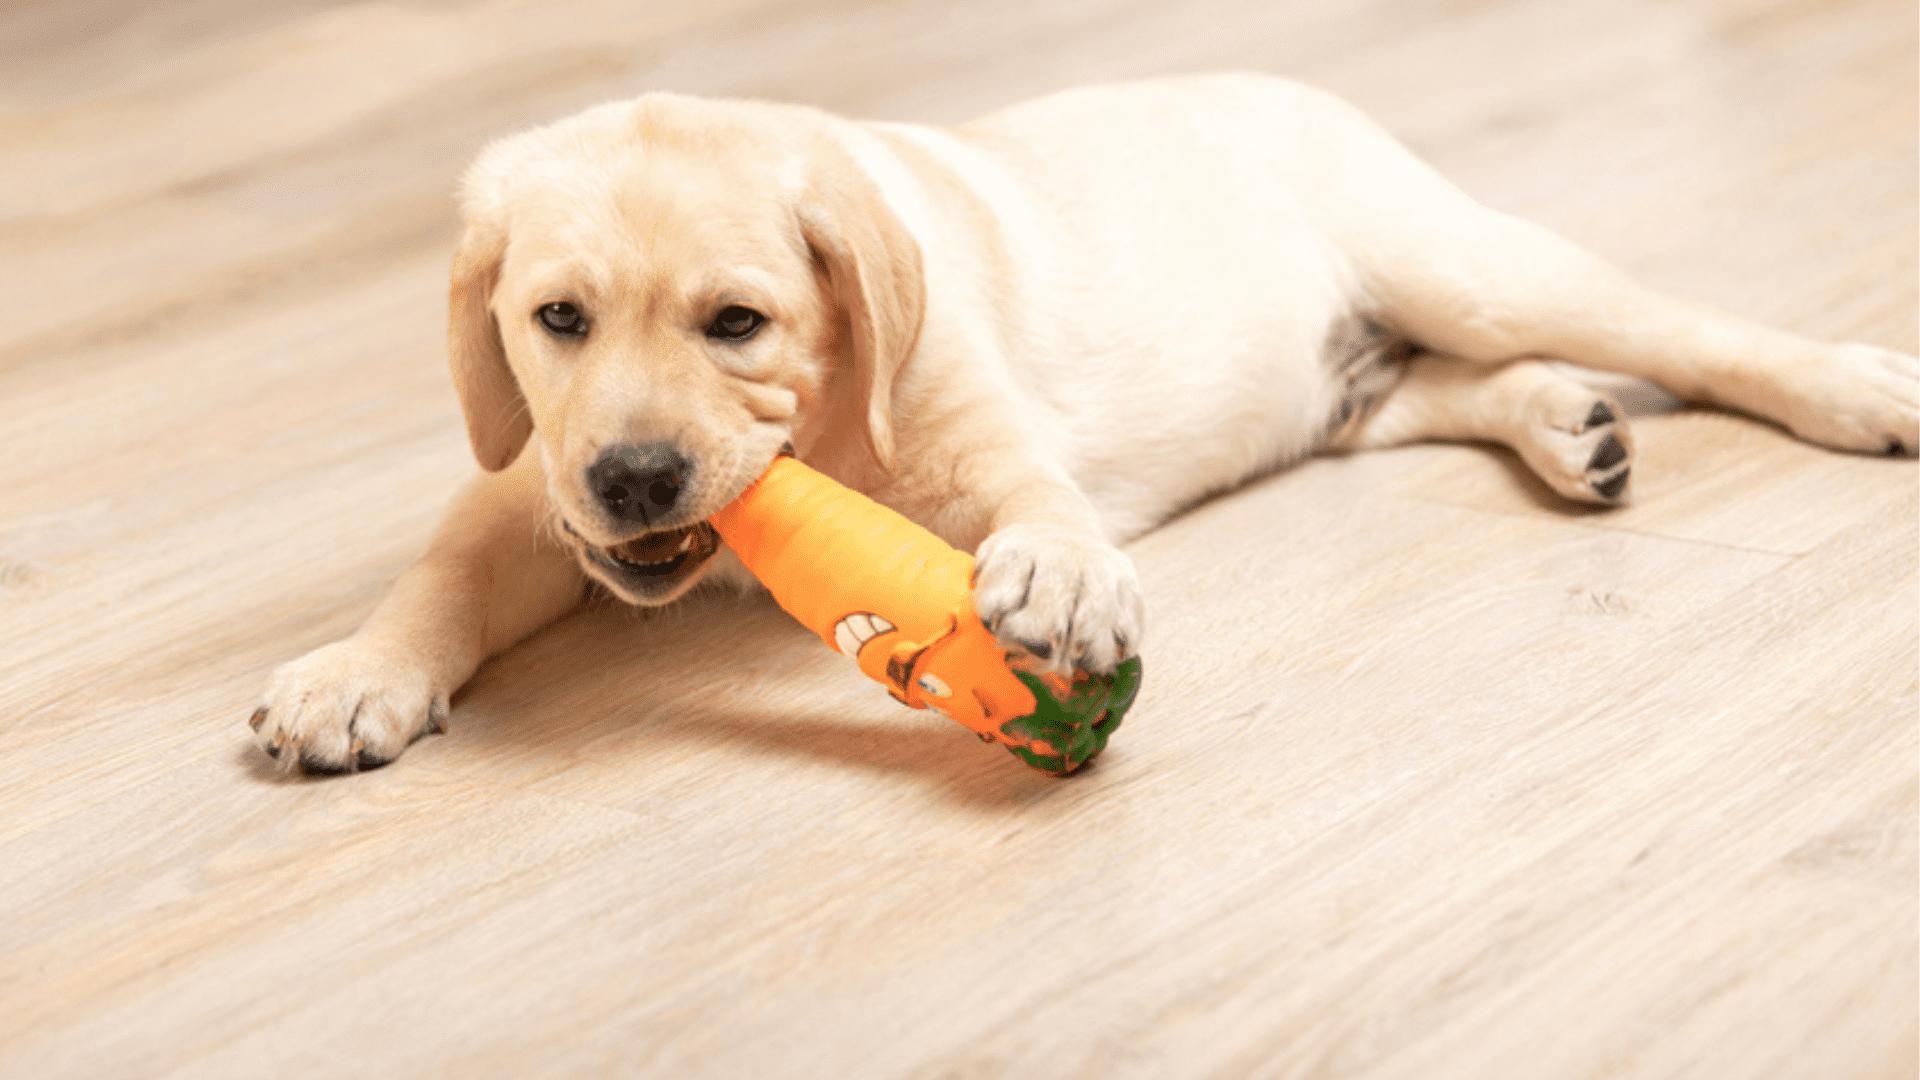 O mordedor para cachorro é um brinquedo com textura para estimular o fortalecimento dos dentes (Reprodução/Shutterstock)